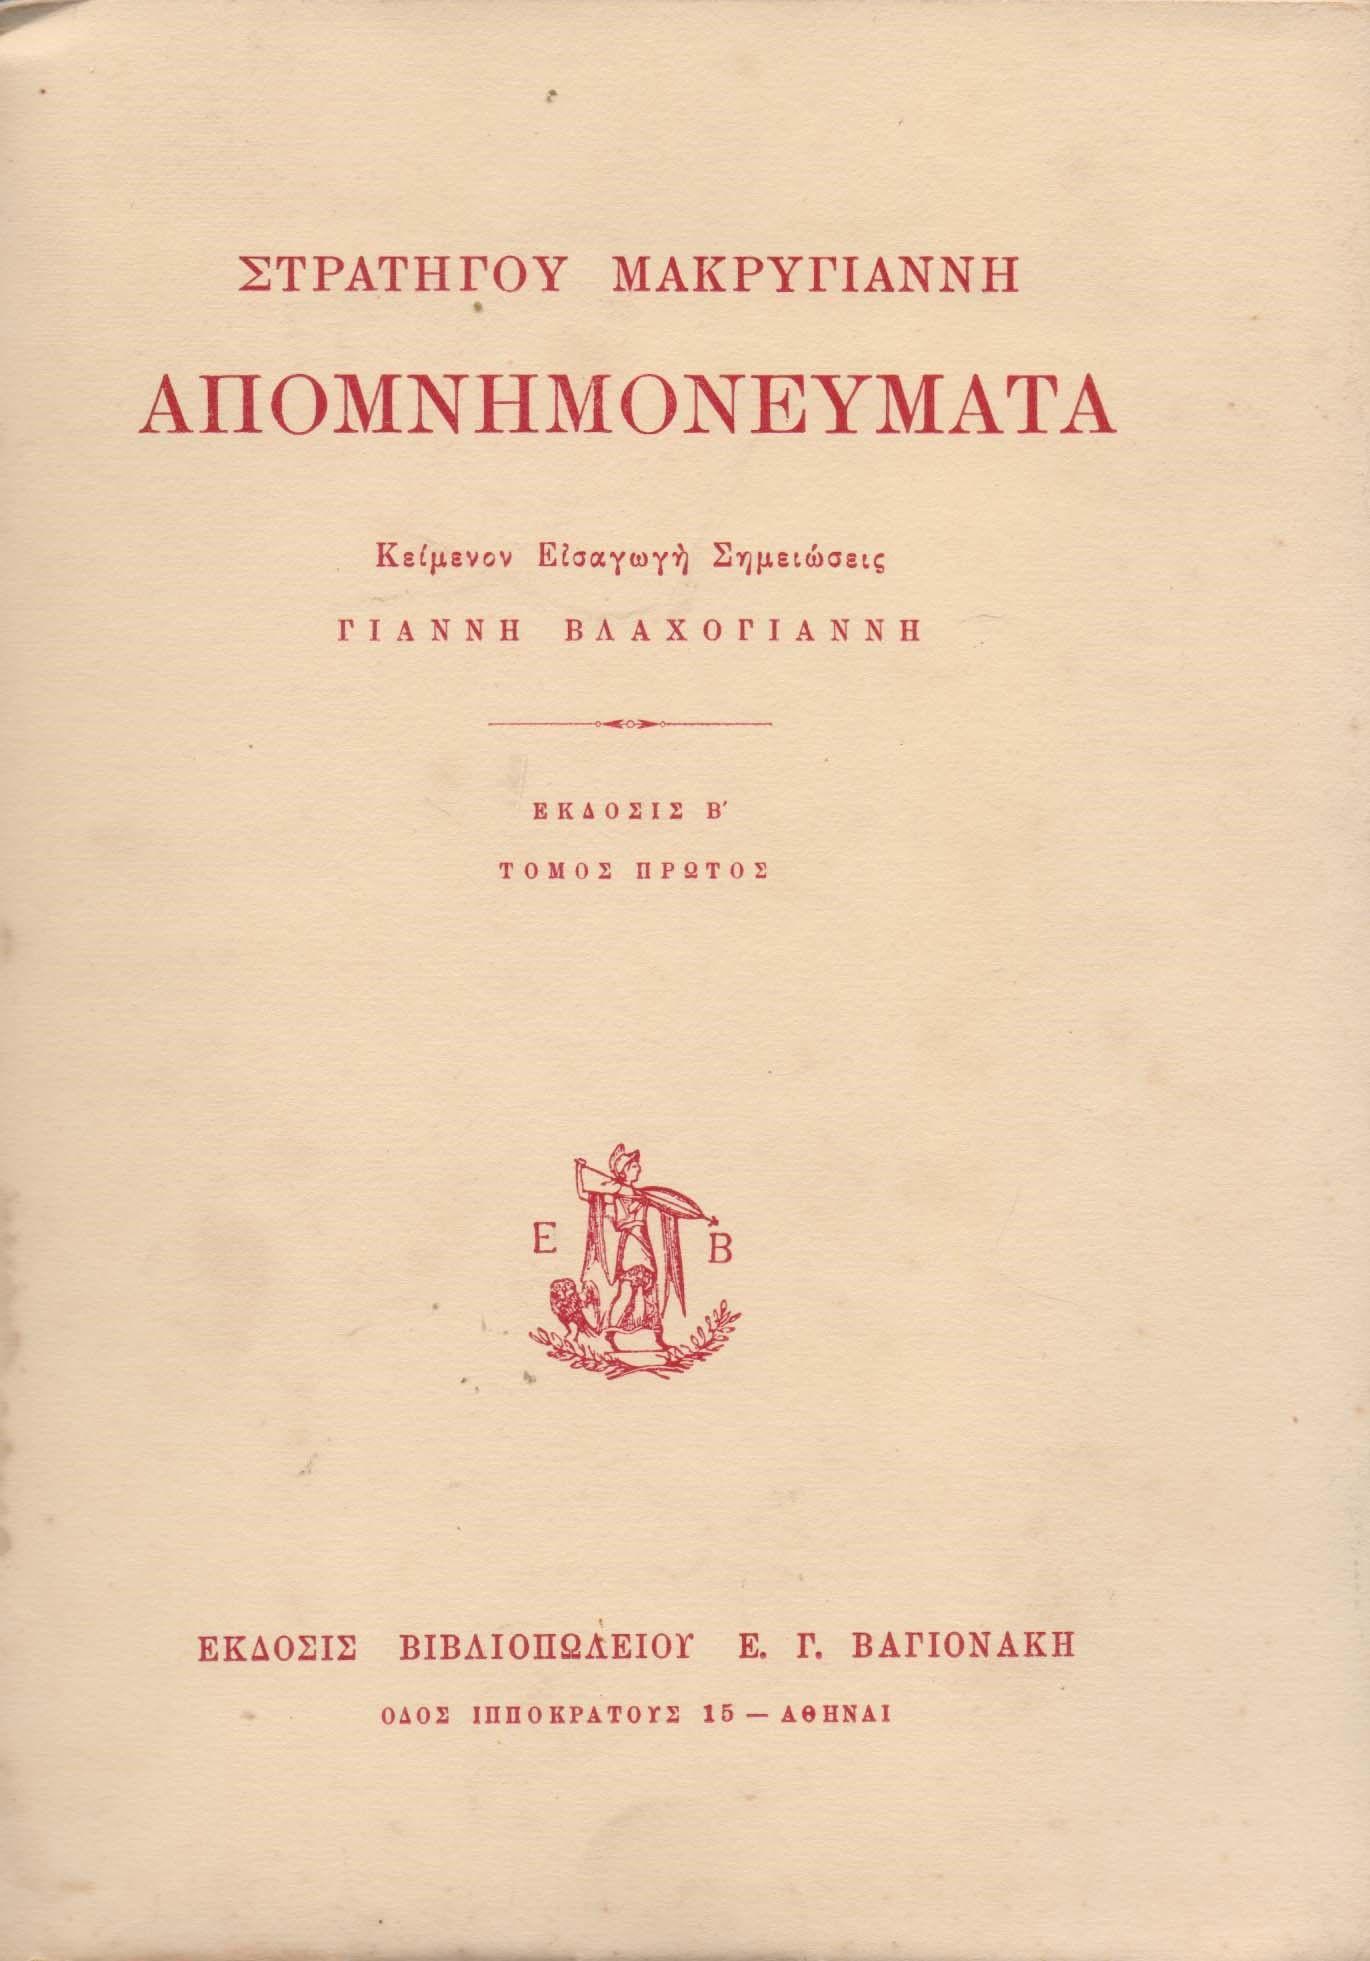 Τα «Απομνημονεύματα» του Φωτάκου,με θέμα την ελληνική επανάσταση του 1821.